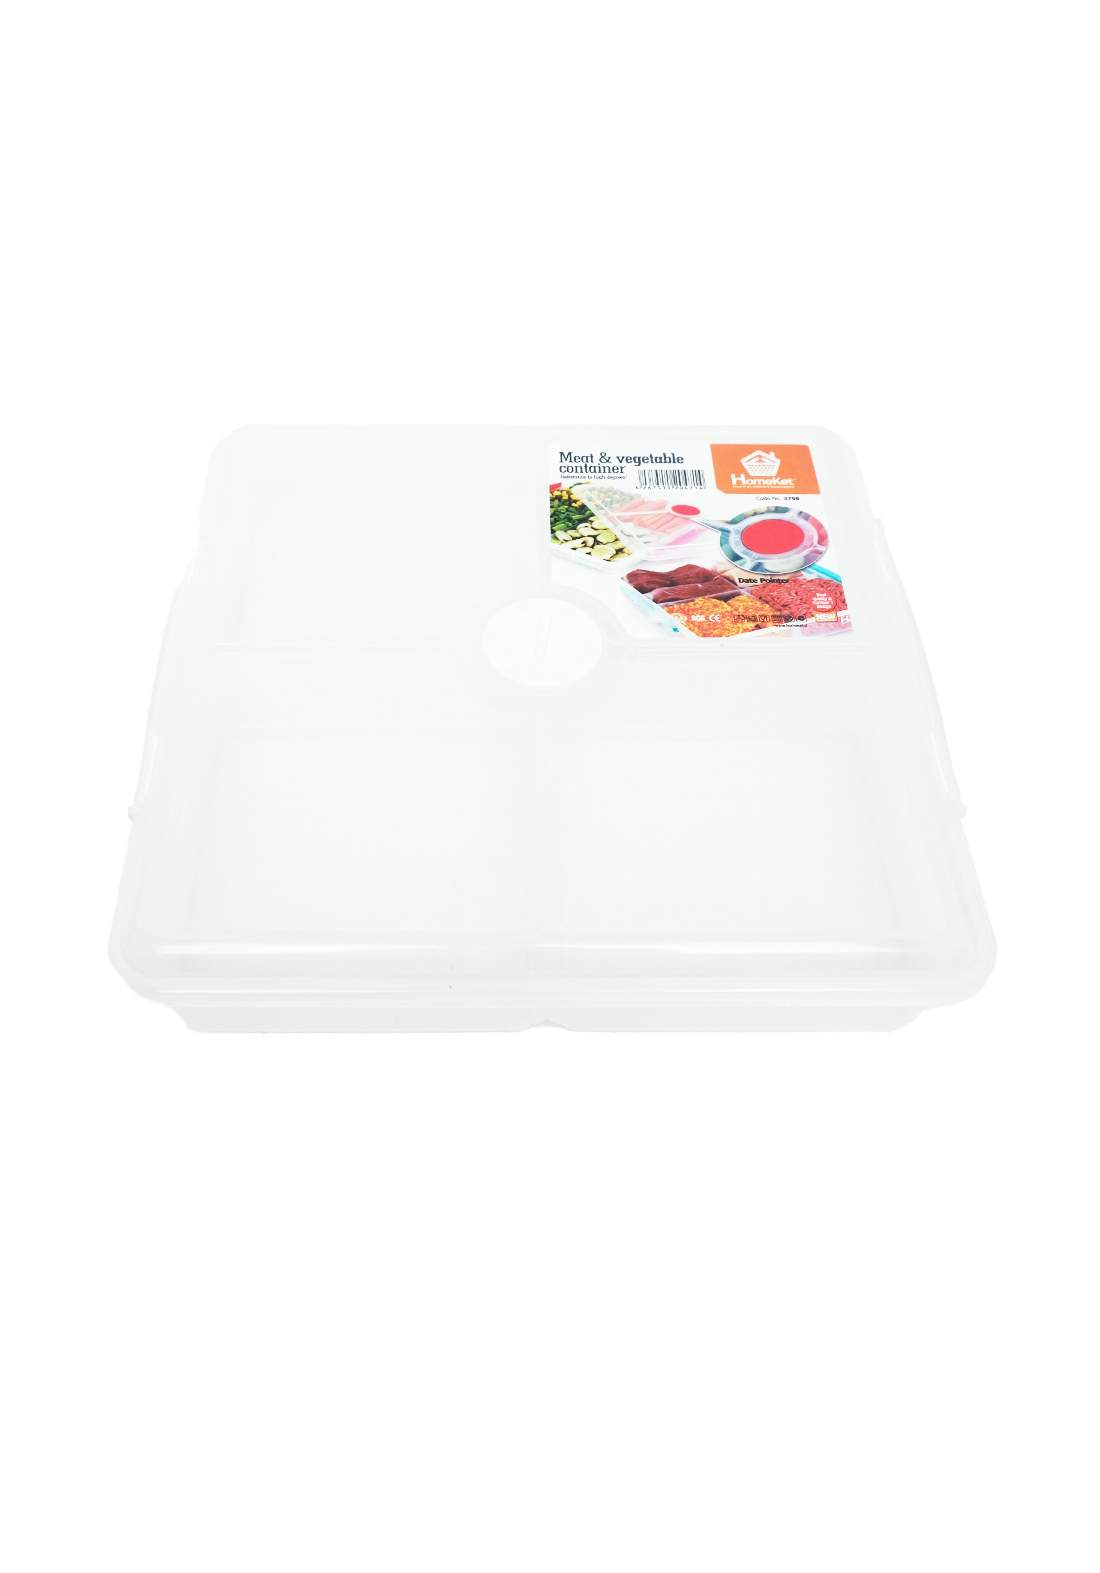 حافظة طعام مقسمة  متعددة الاستخدامات